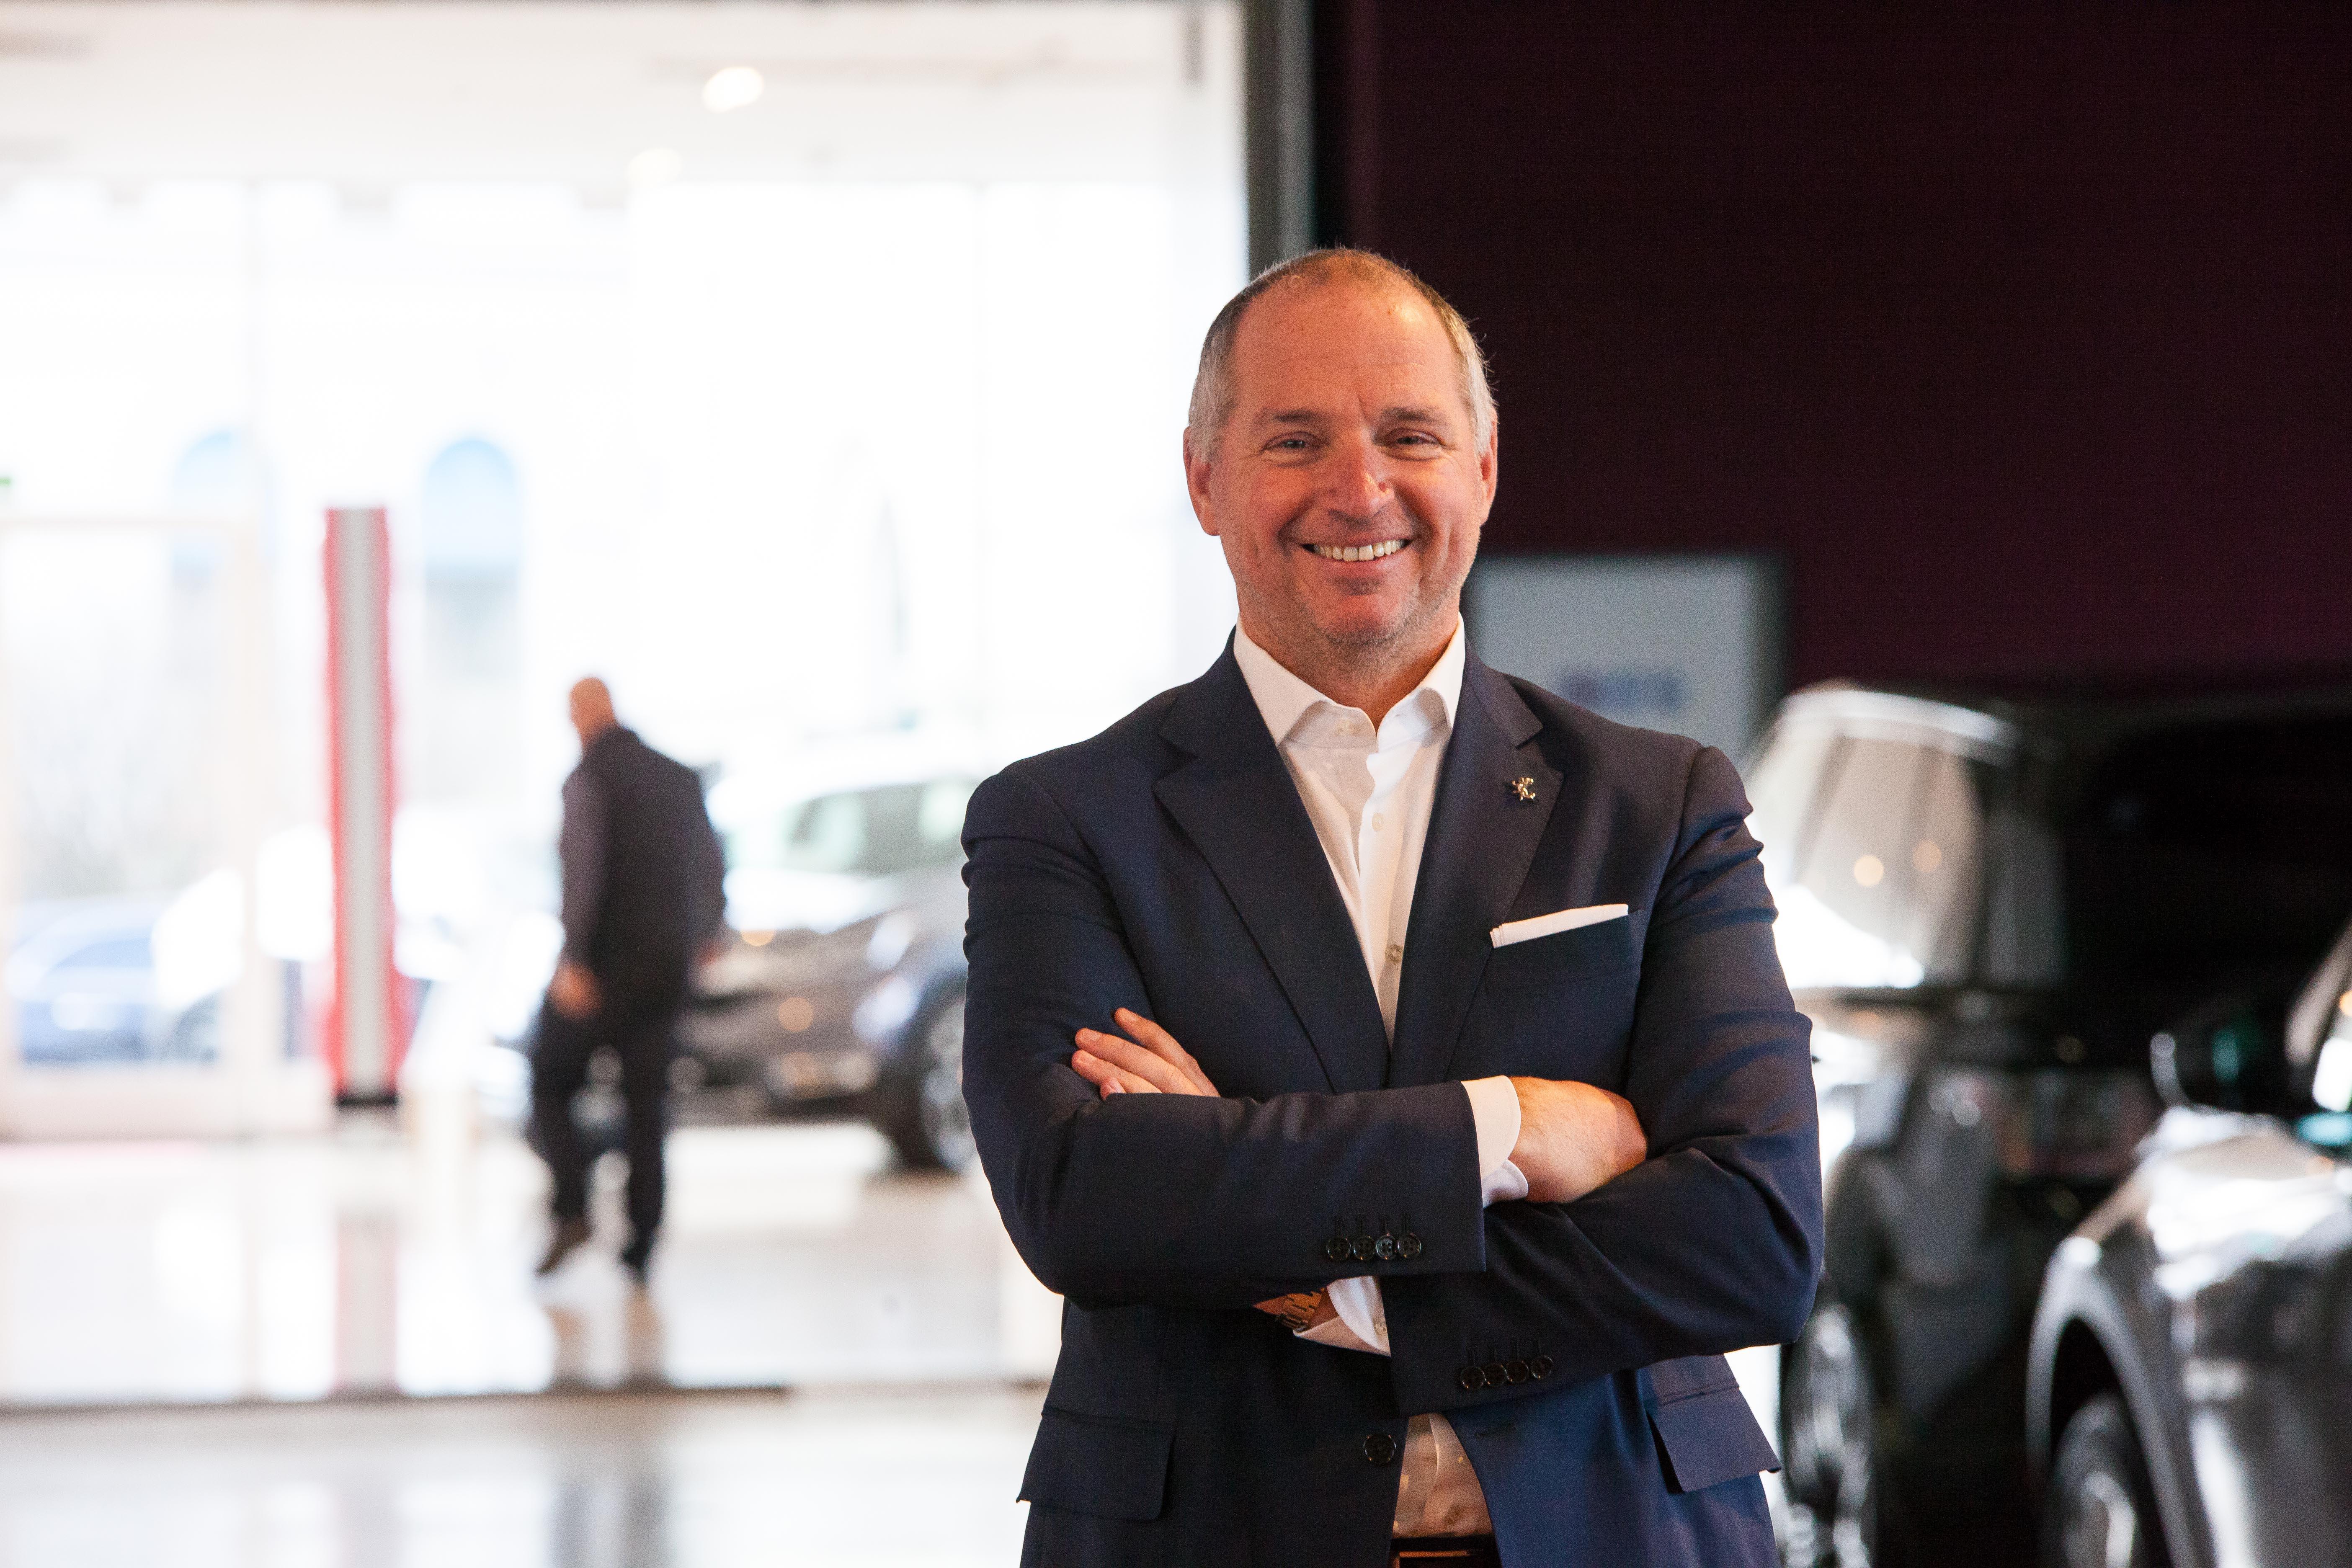 Verkaufsleiter AUTO STAHL in Wien 20 freut sich auf die neue Marke KIA Heistergasse 4-6